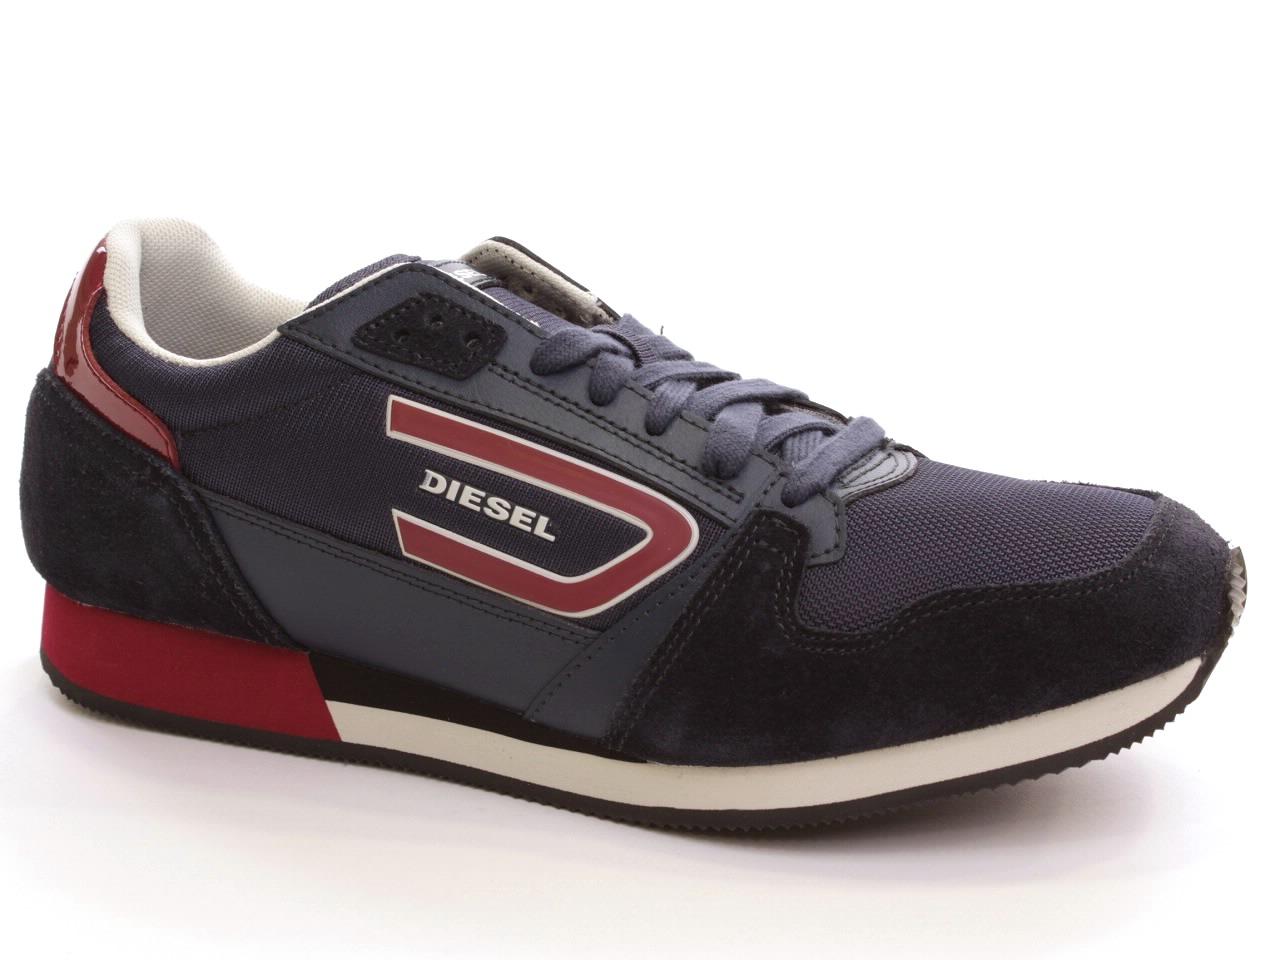 Sneakers and Espadrilles Diesel - 390 Y00992 P0460